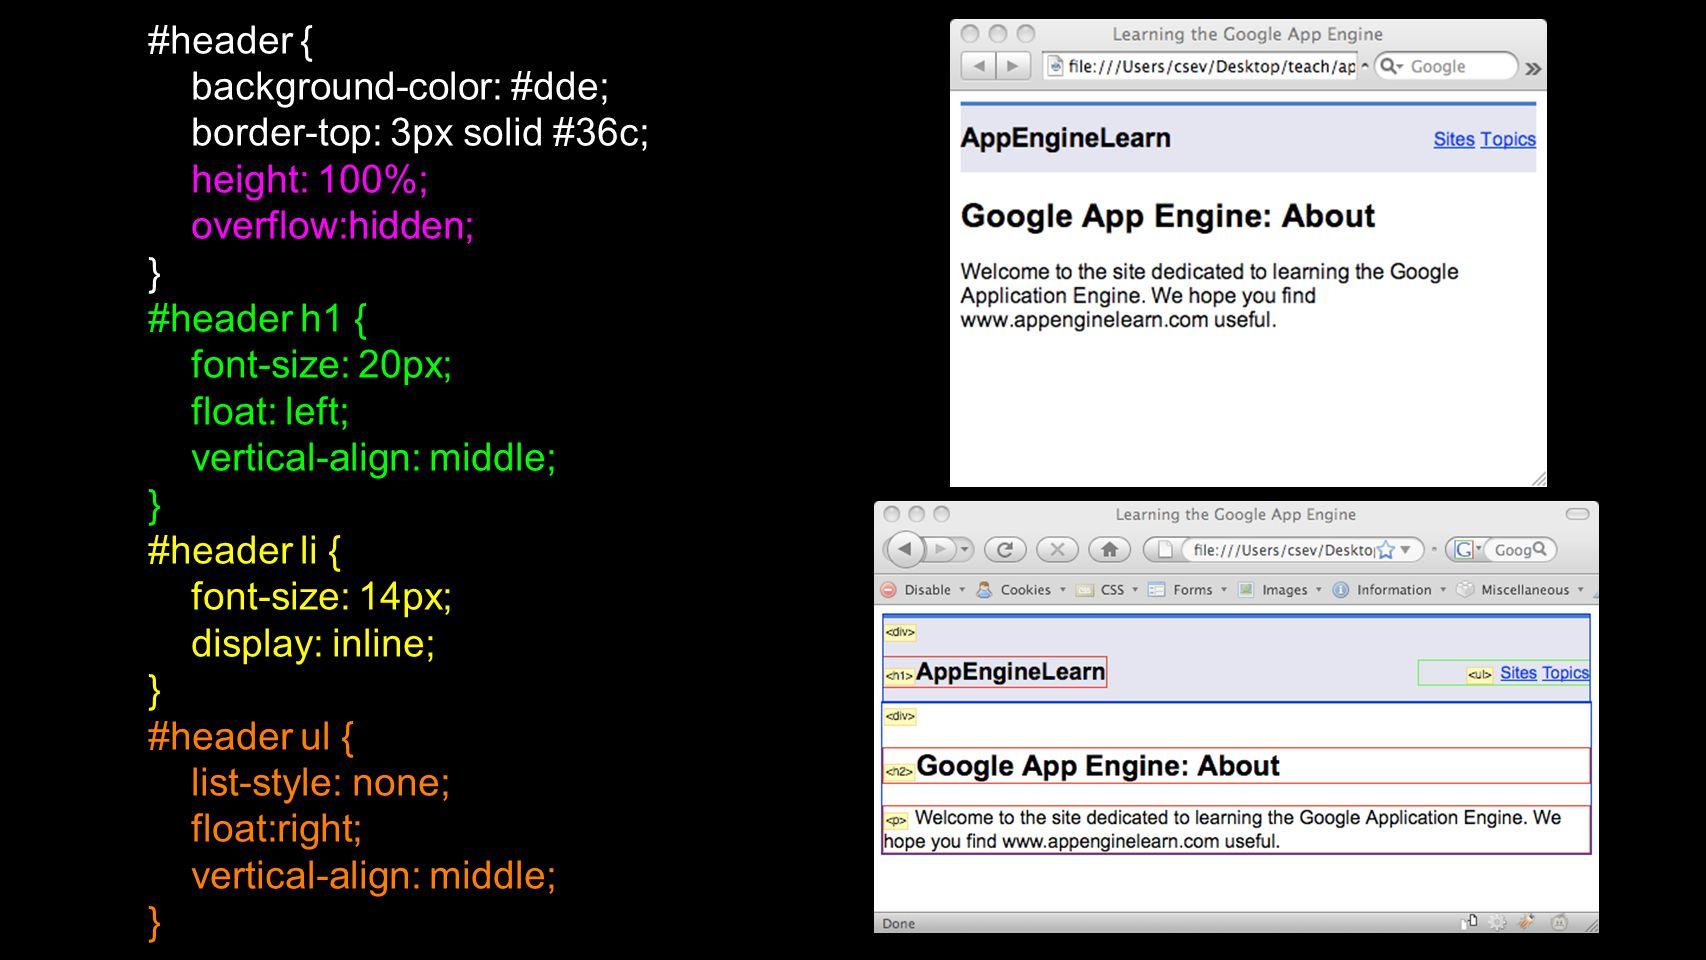 #header { background-color: #dde; border-top: 3px solid #36c; height: 100%; overflow:hidden; } #header h1 { font-size: 20px; float: left; vertical-align: middle; } #header li { font-size: 14px; display: inline; } #header ul { list-style: none; float:right; vertical-align: middle; }